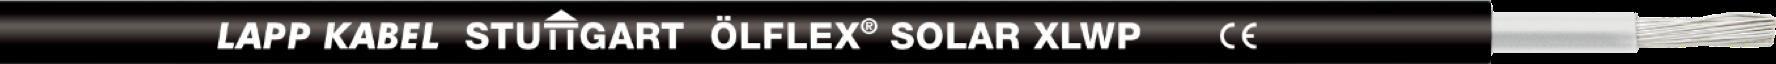 ÖLFLEX® SOLAR XLWP